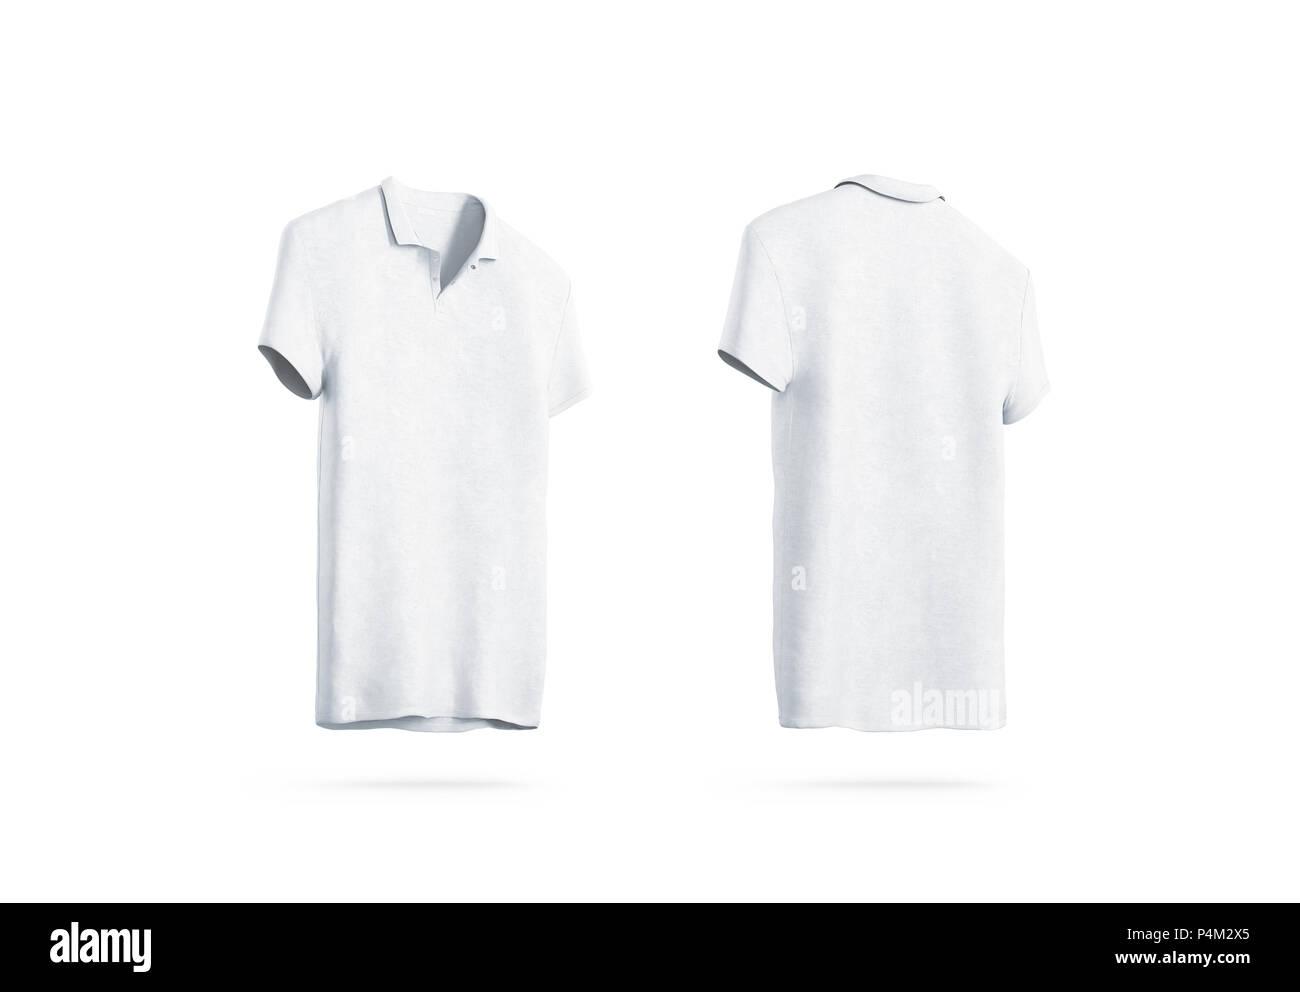 Polo blanc isolé maquette, l'avant et arrière, en 3d le rendu. T-shirt sport vide maquette uniforme. Modèle de conception de vêtements simples. Clair coton robe avec col et manches courtes. Photo Stock